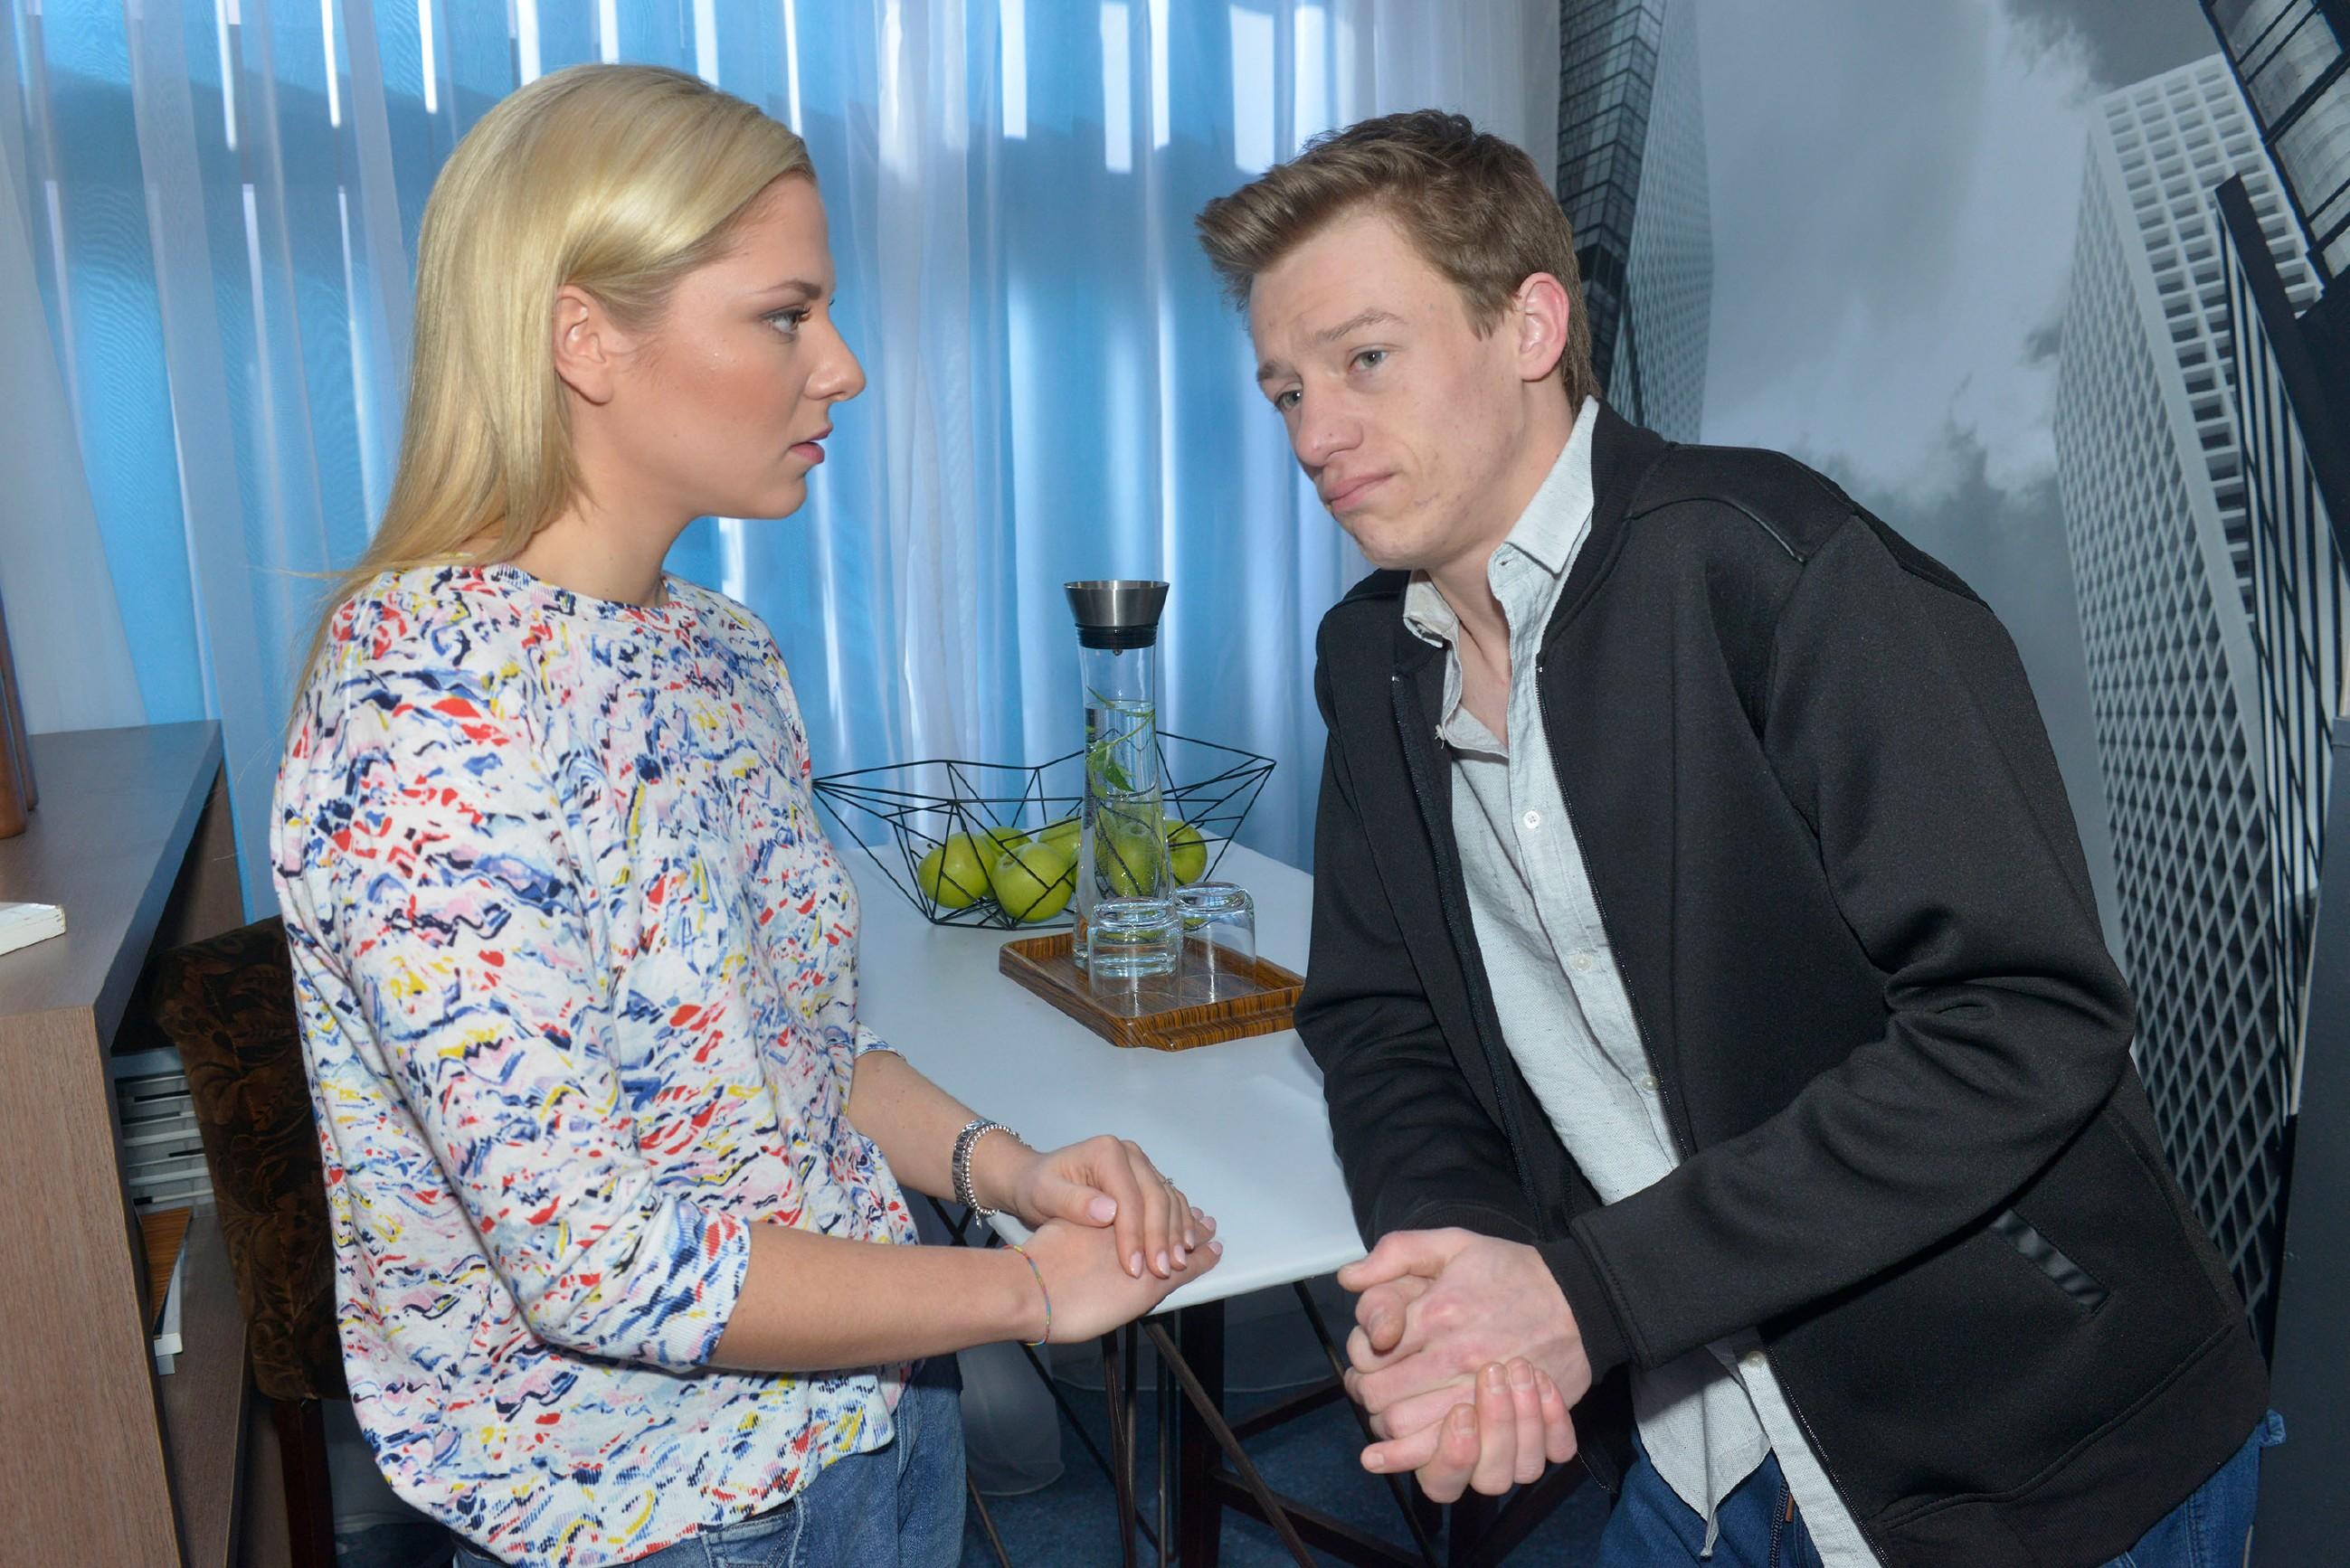 Als Sunny (Valentina Pahde) aufgebracht wissen will, wo Vince (Vincent Krüger) die ganze Nacht war, belügt Vince sie dreist und handelt sich damit gleich ein neues Problem ein...